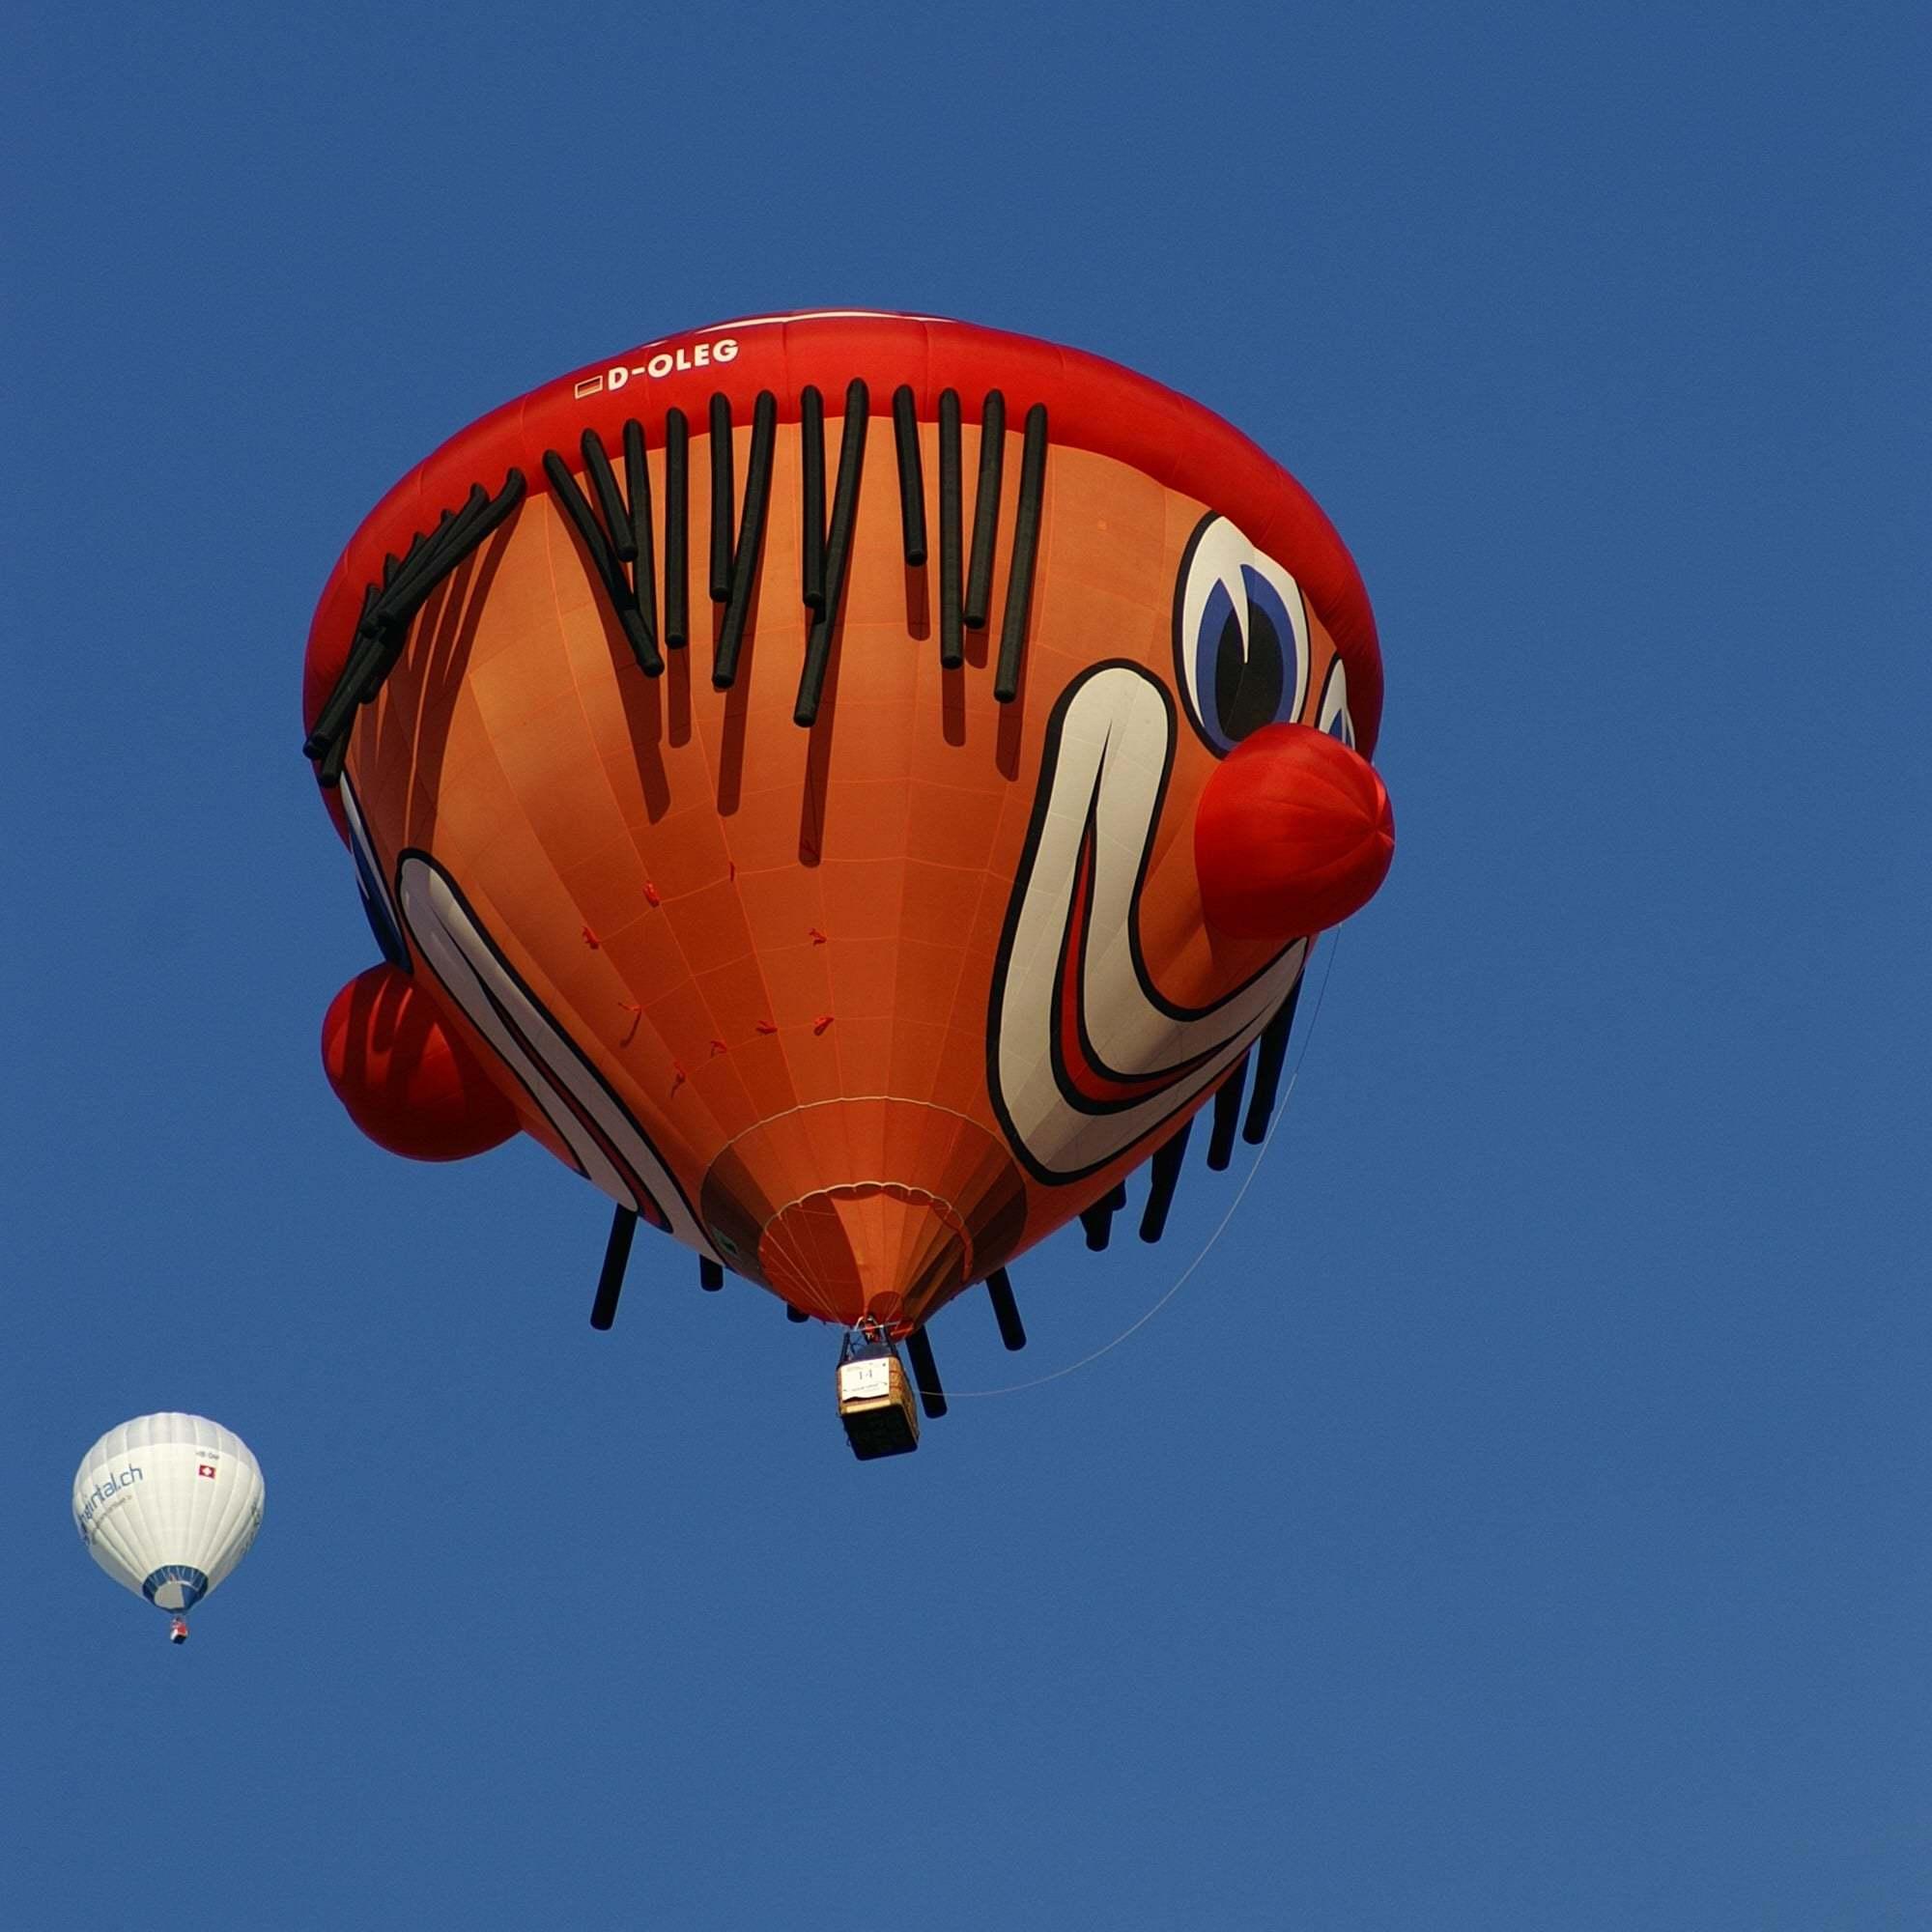 летательные аппараты картинки воздушного шара горок одно